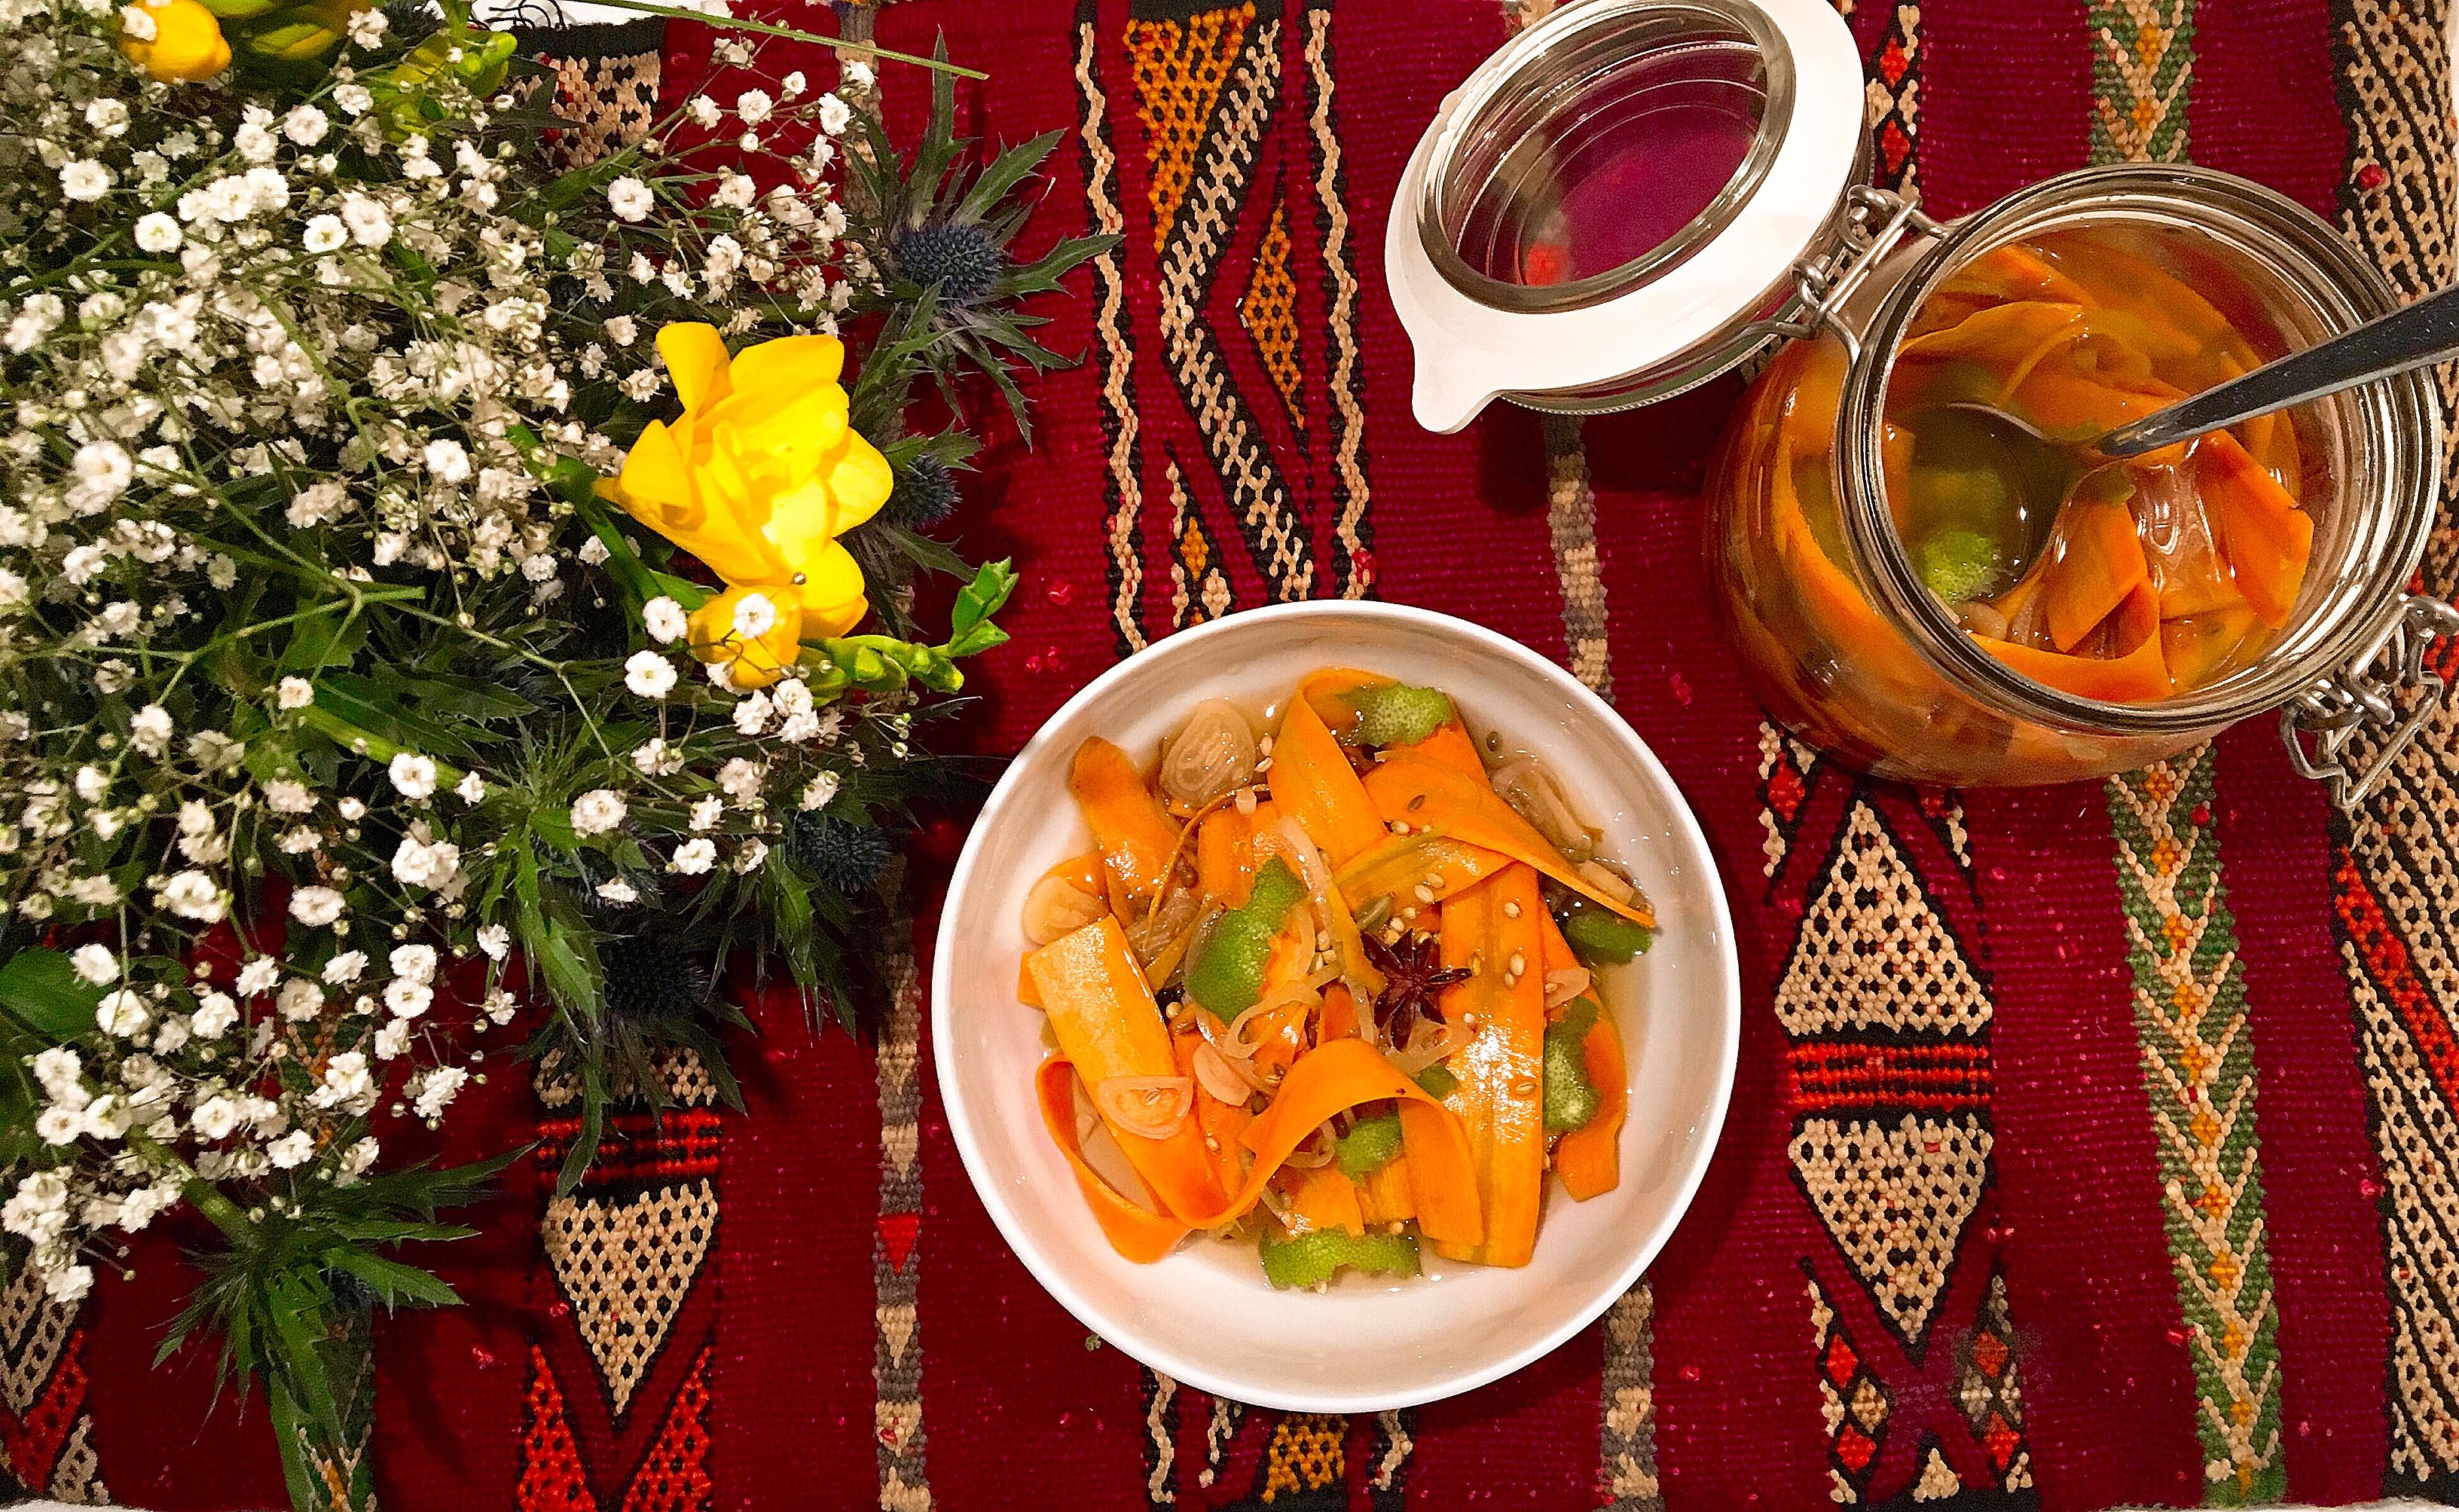 Pickles de carottes aux agrumes et aux épices douces